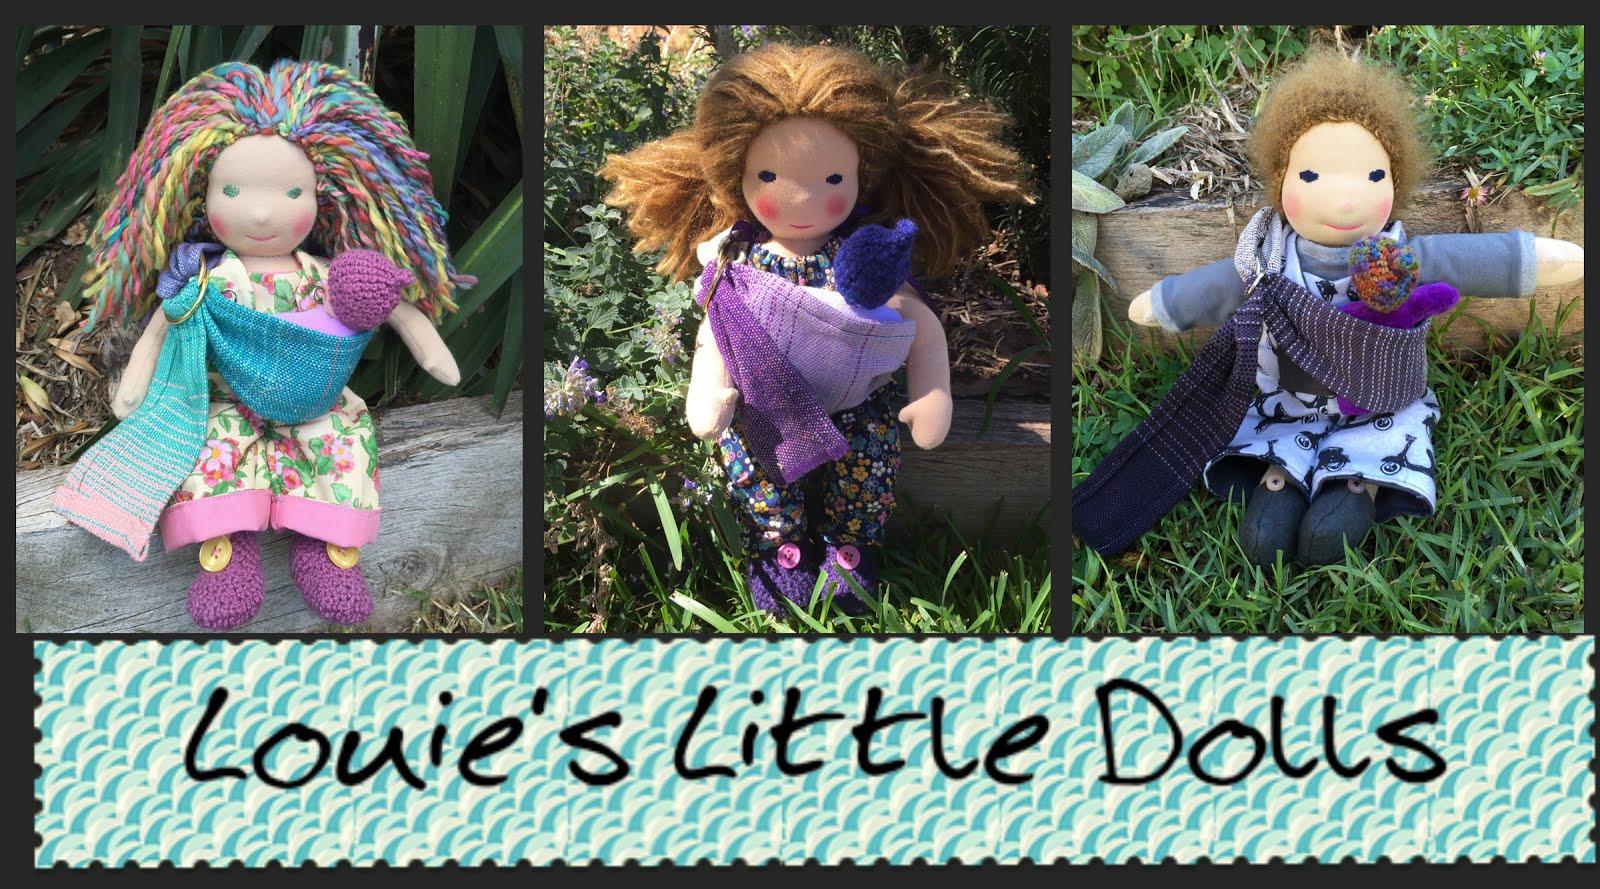 Louies Little Dolls online shop